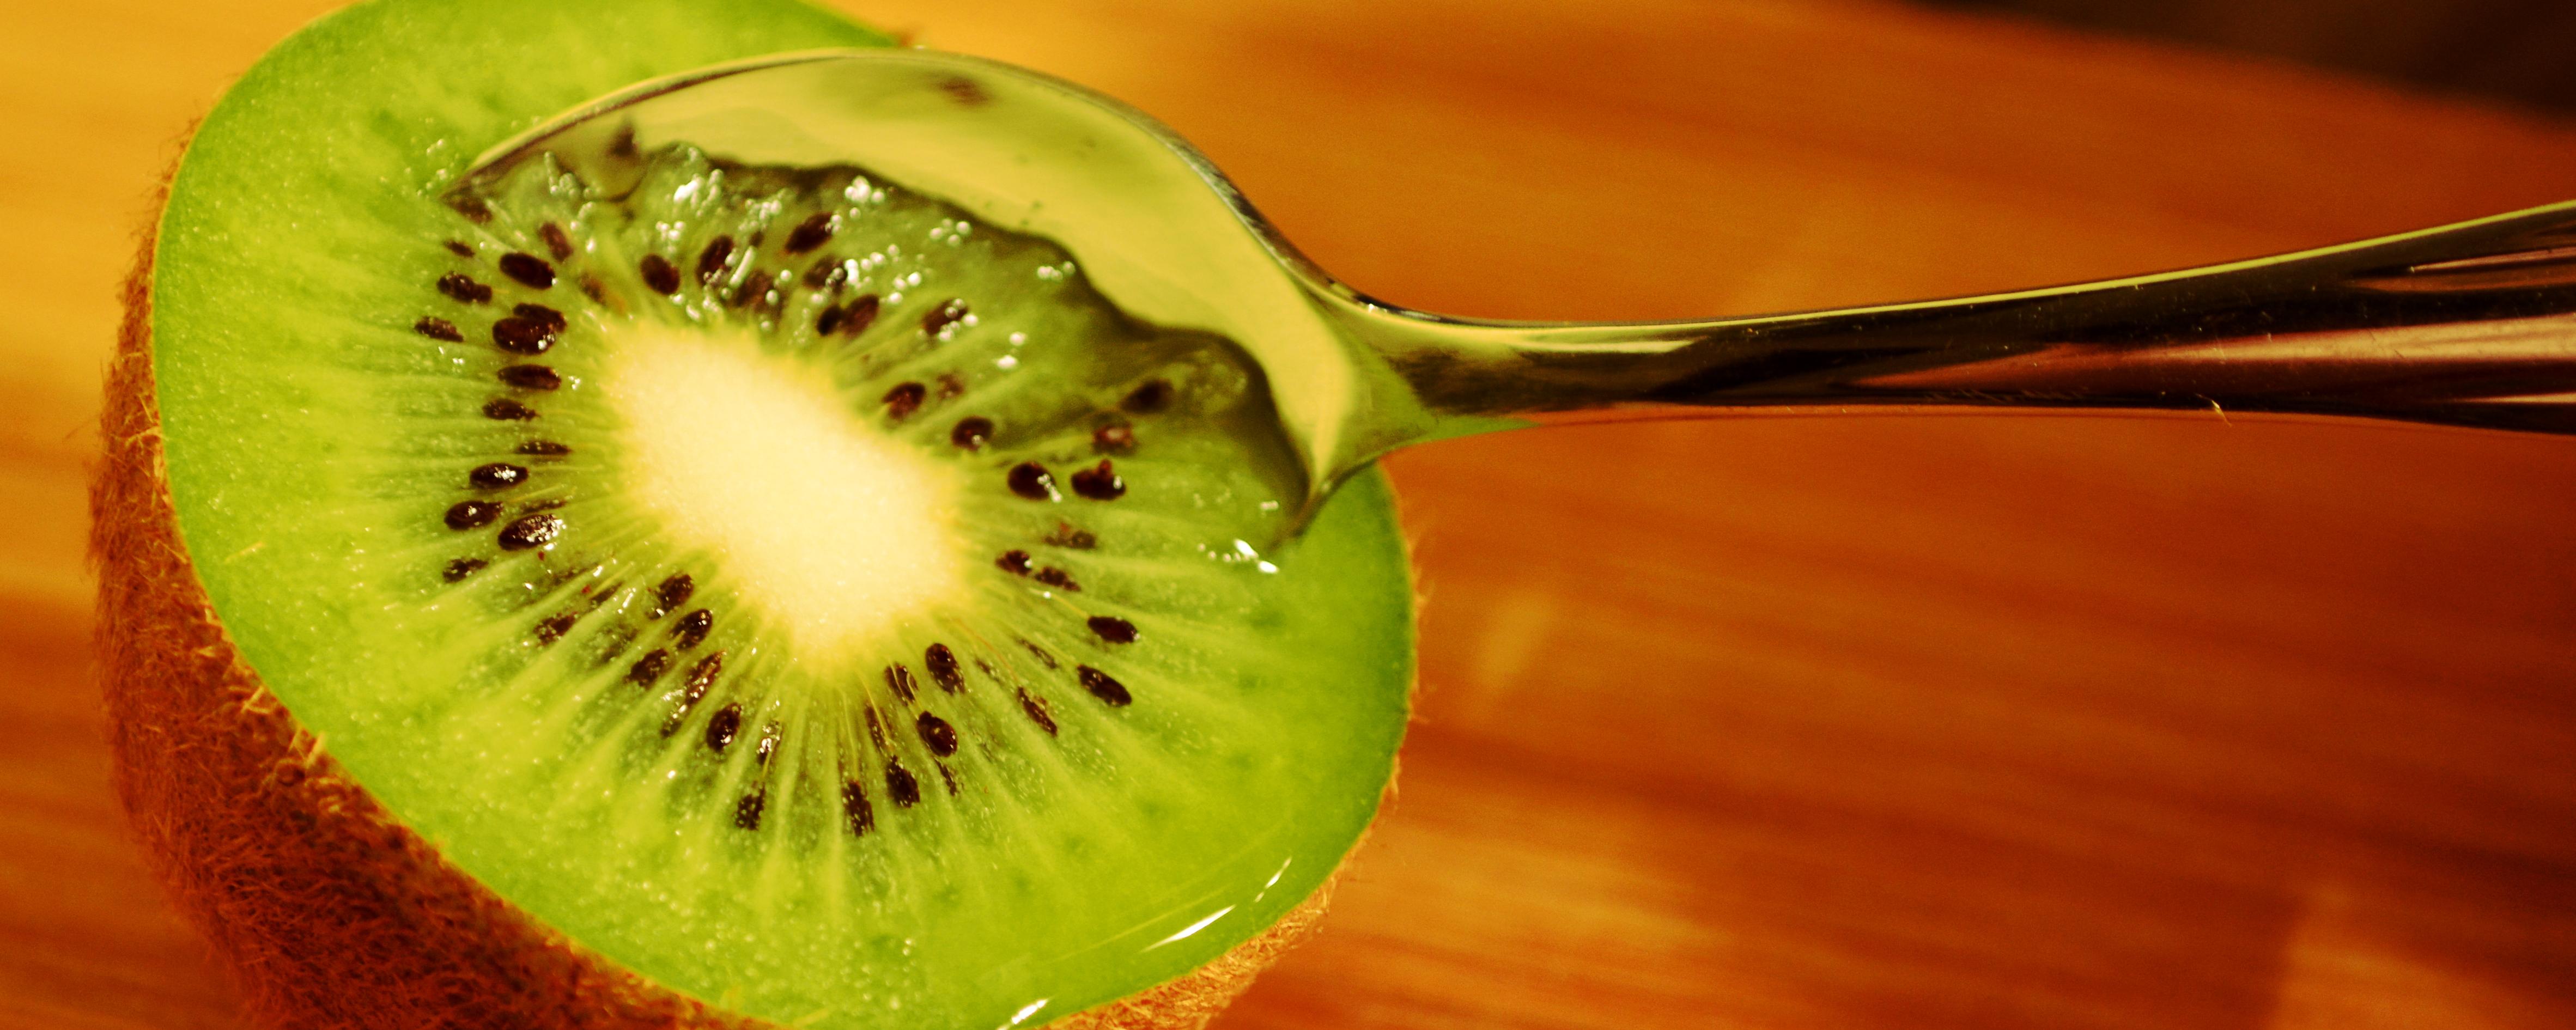 Am besten lässt sich die Kiwi mit einem Löffel essen.